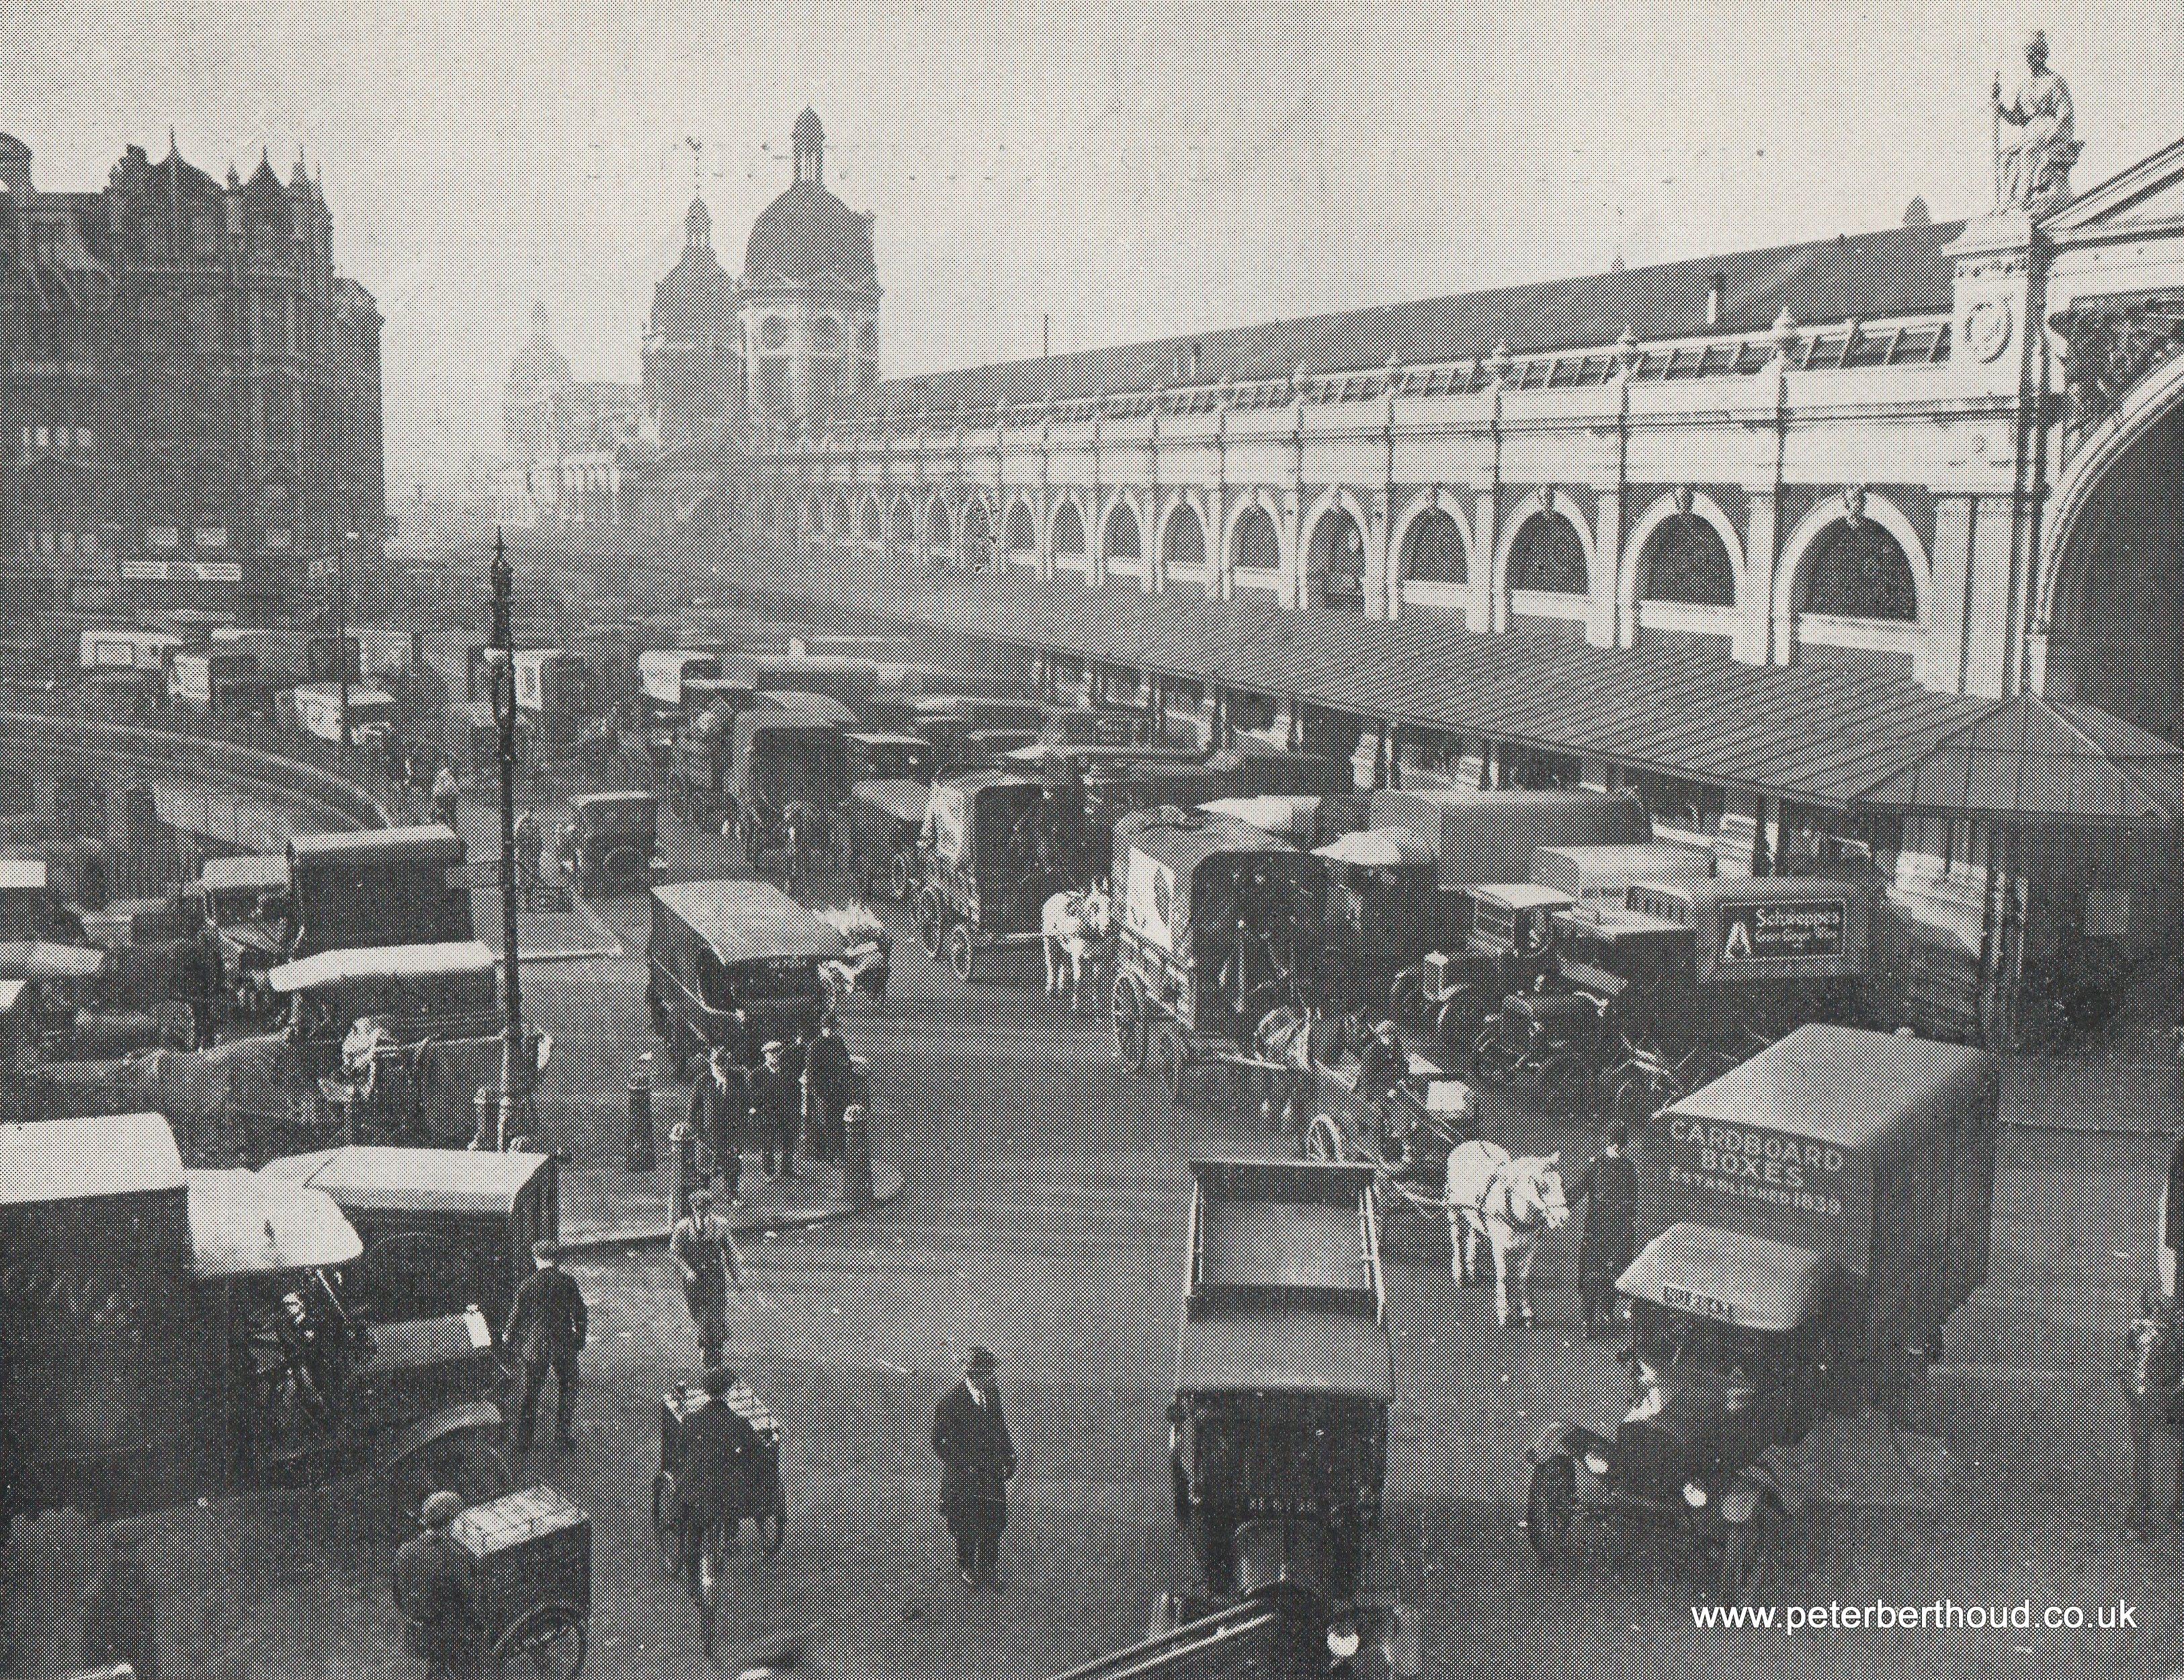 London Central Markets, Smithfield (1930)